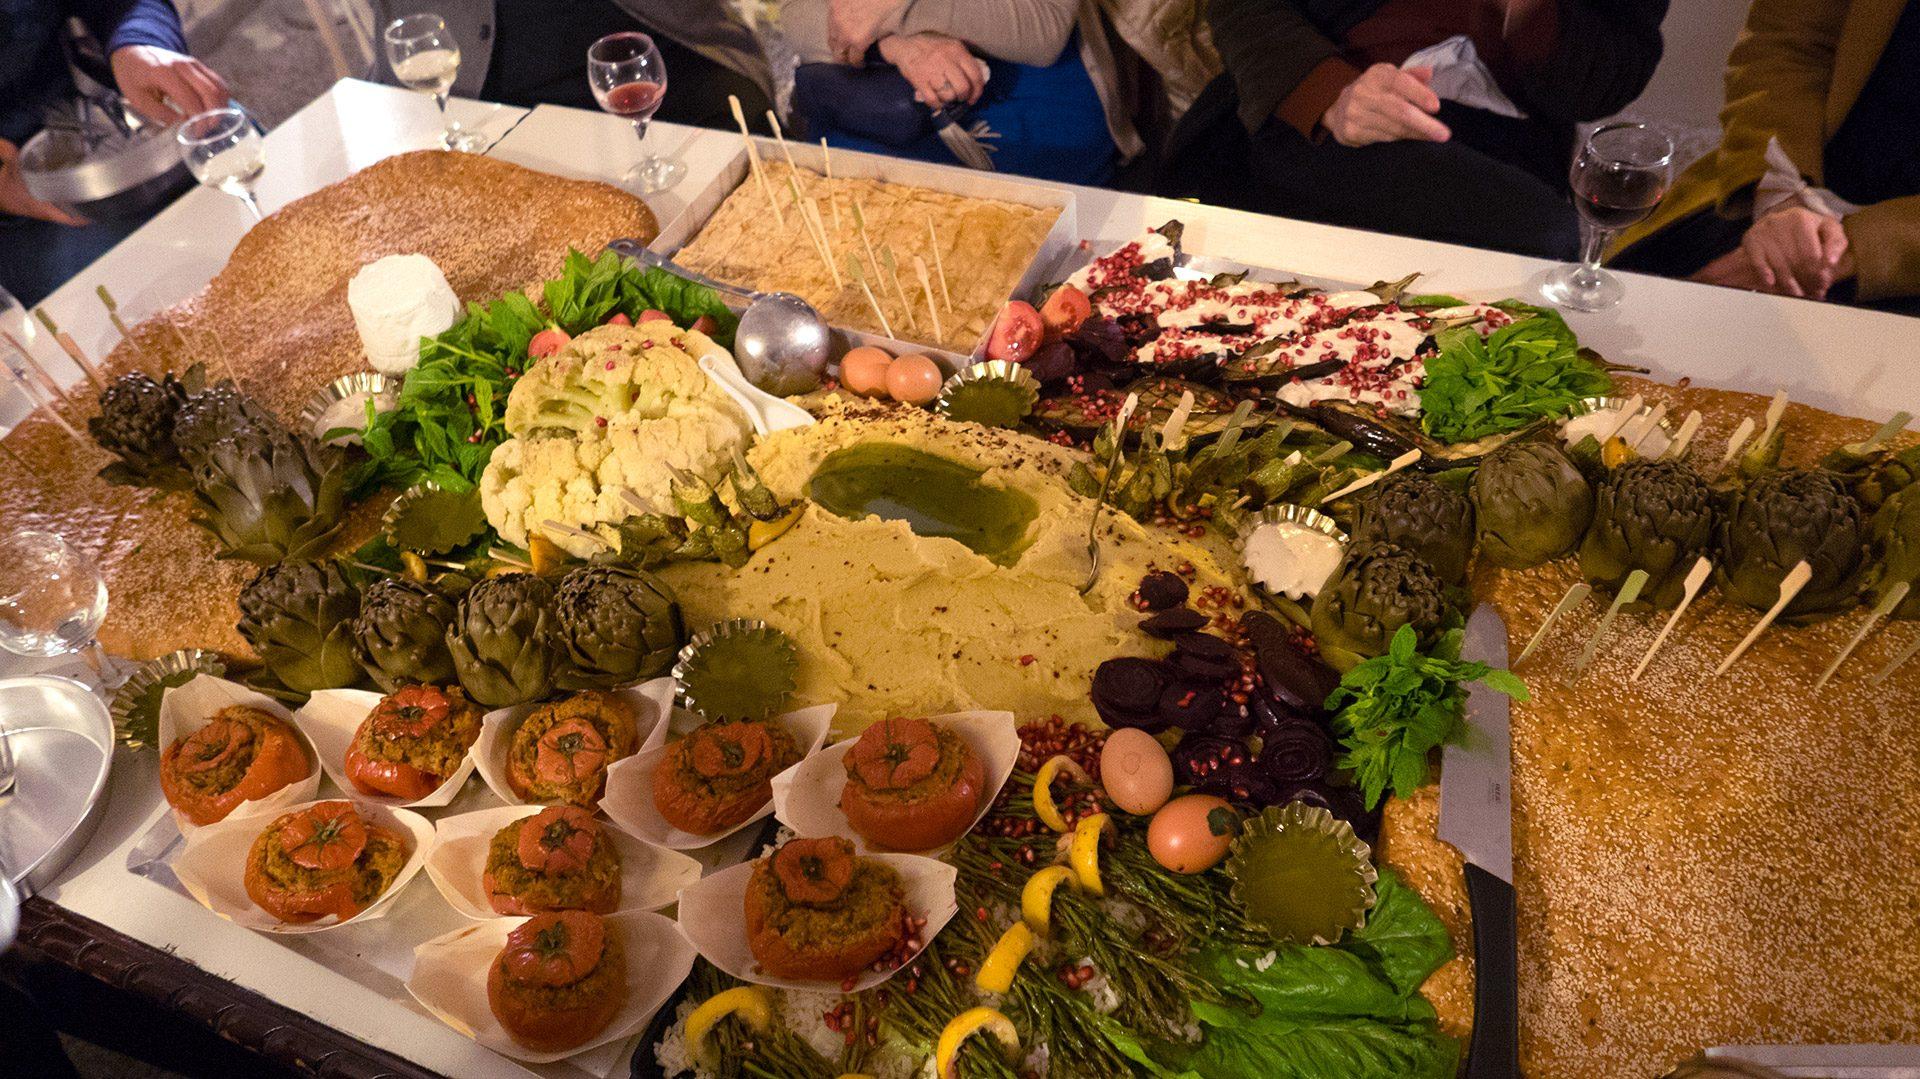 Das gemeinsame Essen an einem Tisch ist ein universaler Bestandteil in vielen Kulturen und Gesellschaften unserer Welt; ein Ort des Austausches, des Gebens, des Teilens und Erzählens, sowie des Generierens von Wissen ( oder der Weisheit). Dies bildete die Basis zum Happening.